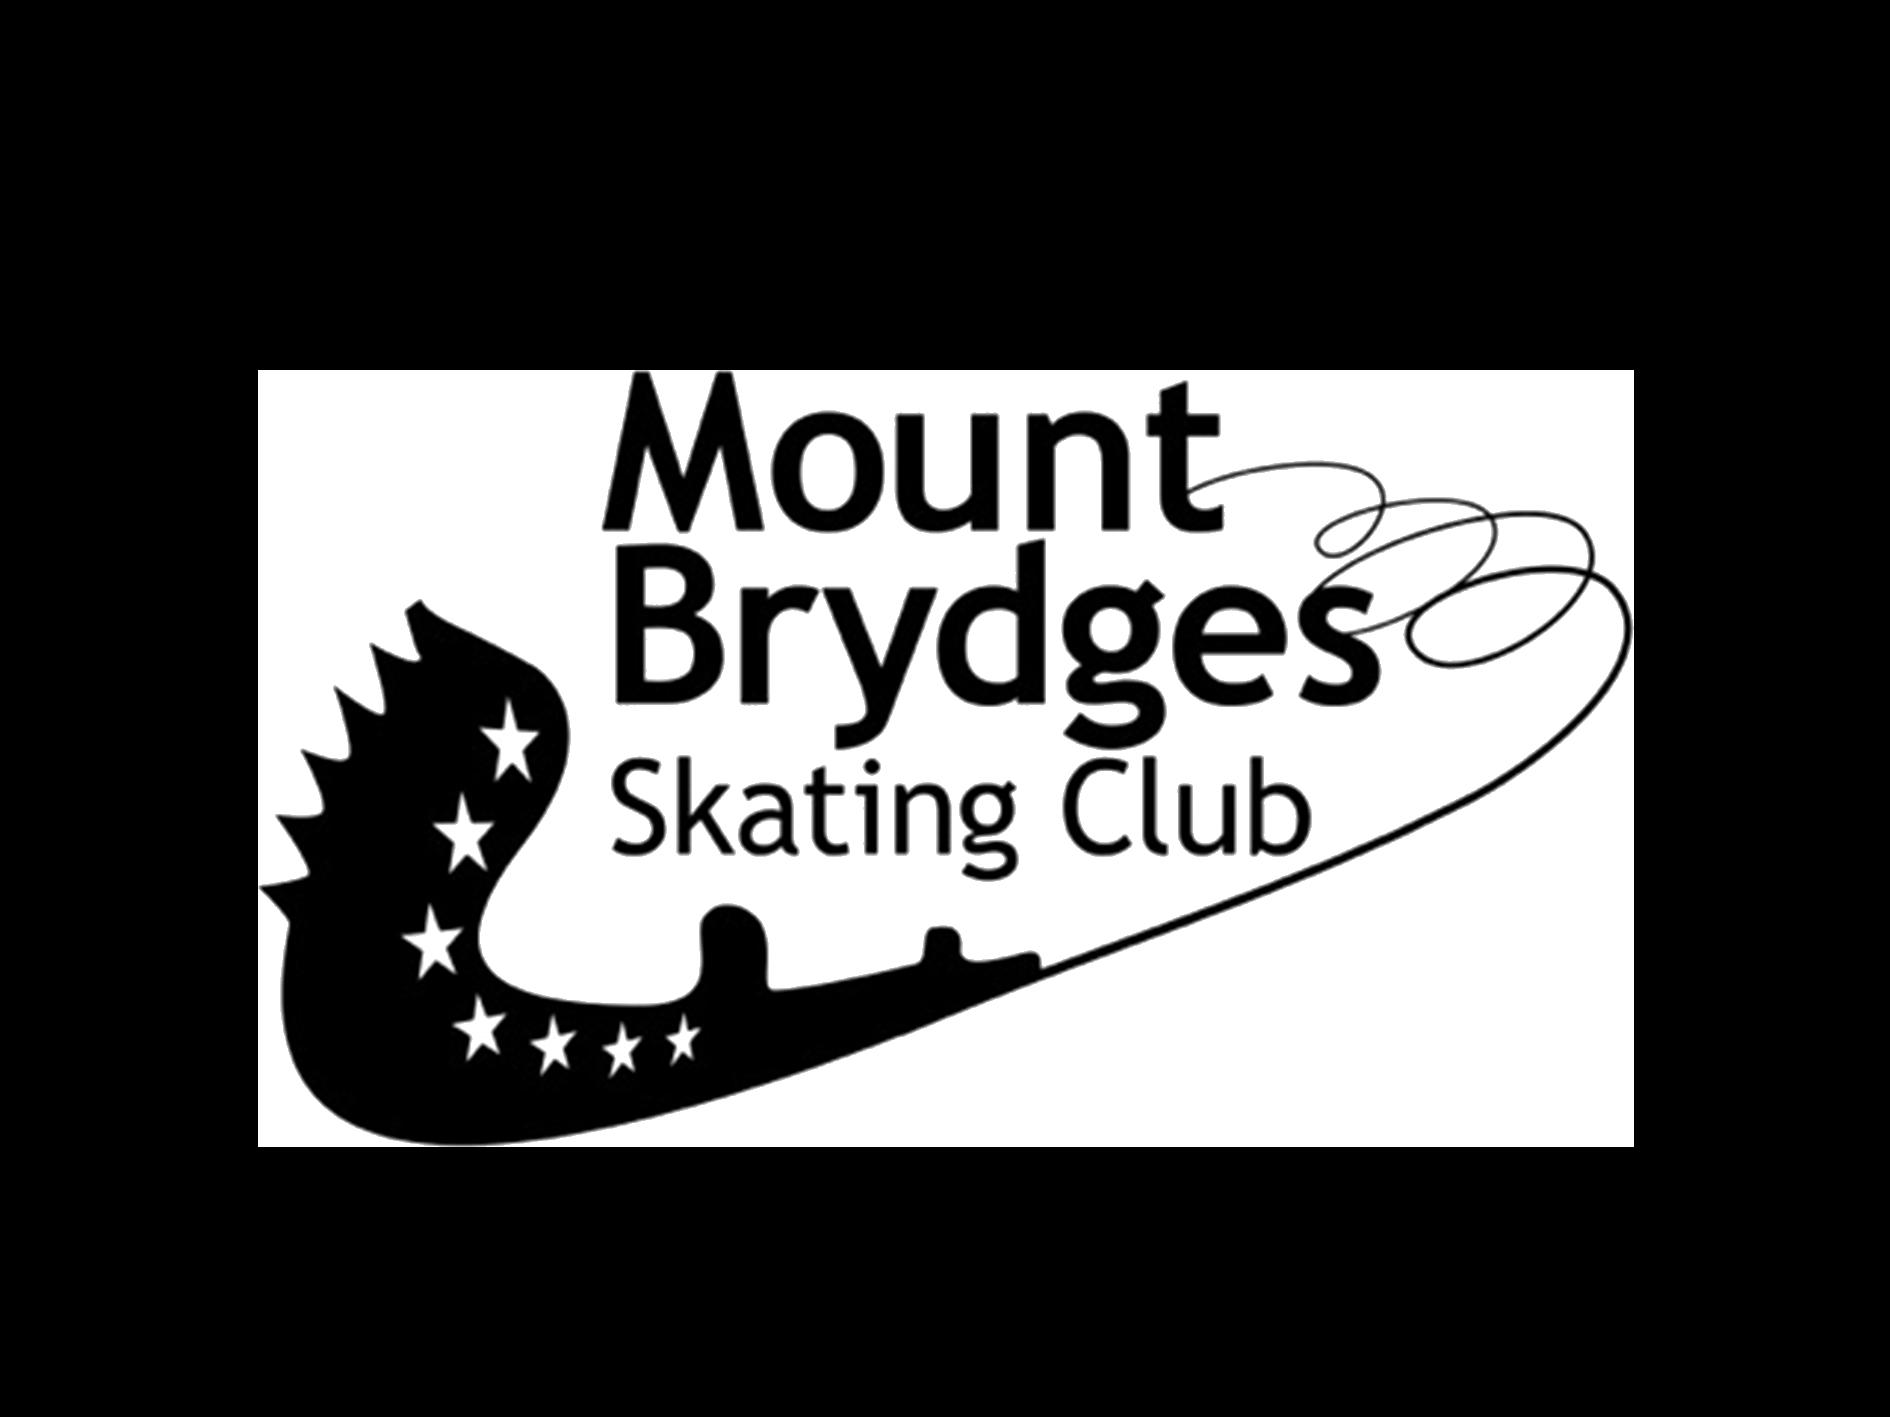 Mount Brydges Skating Club